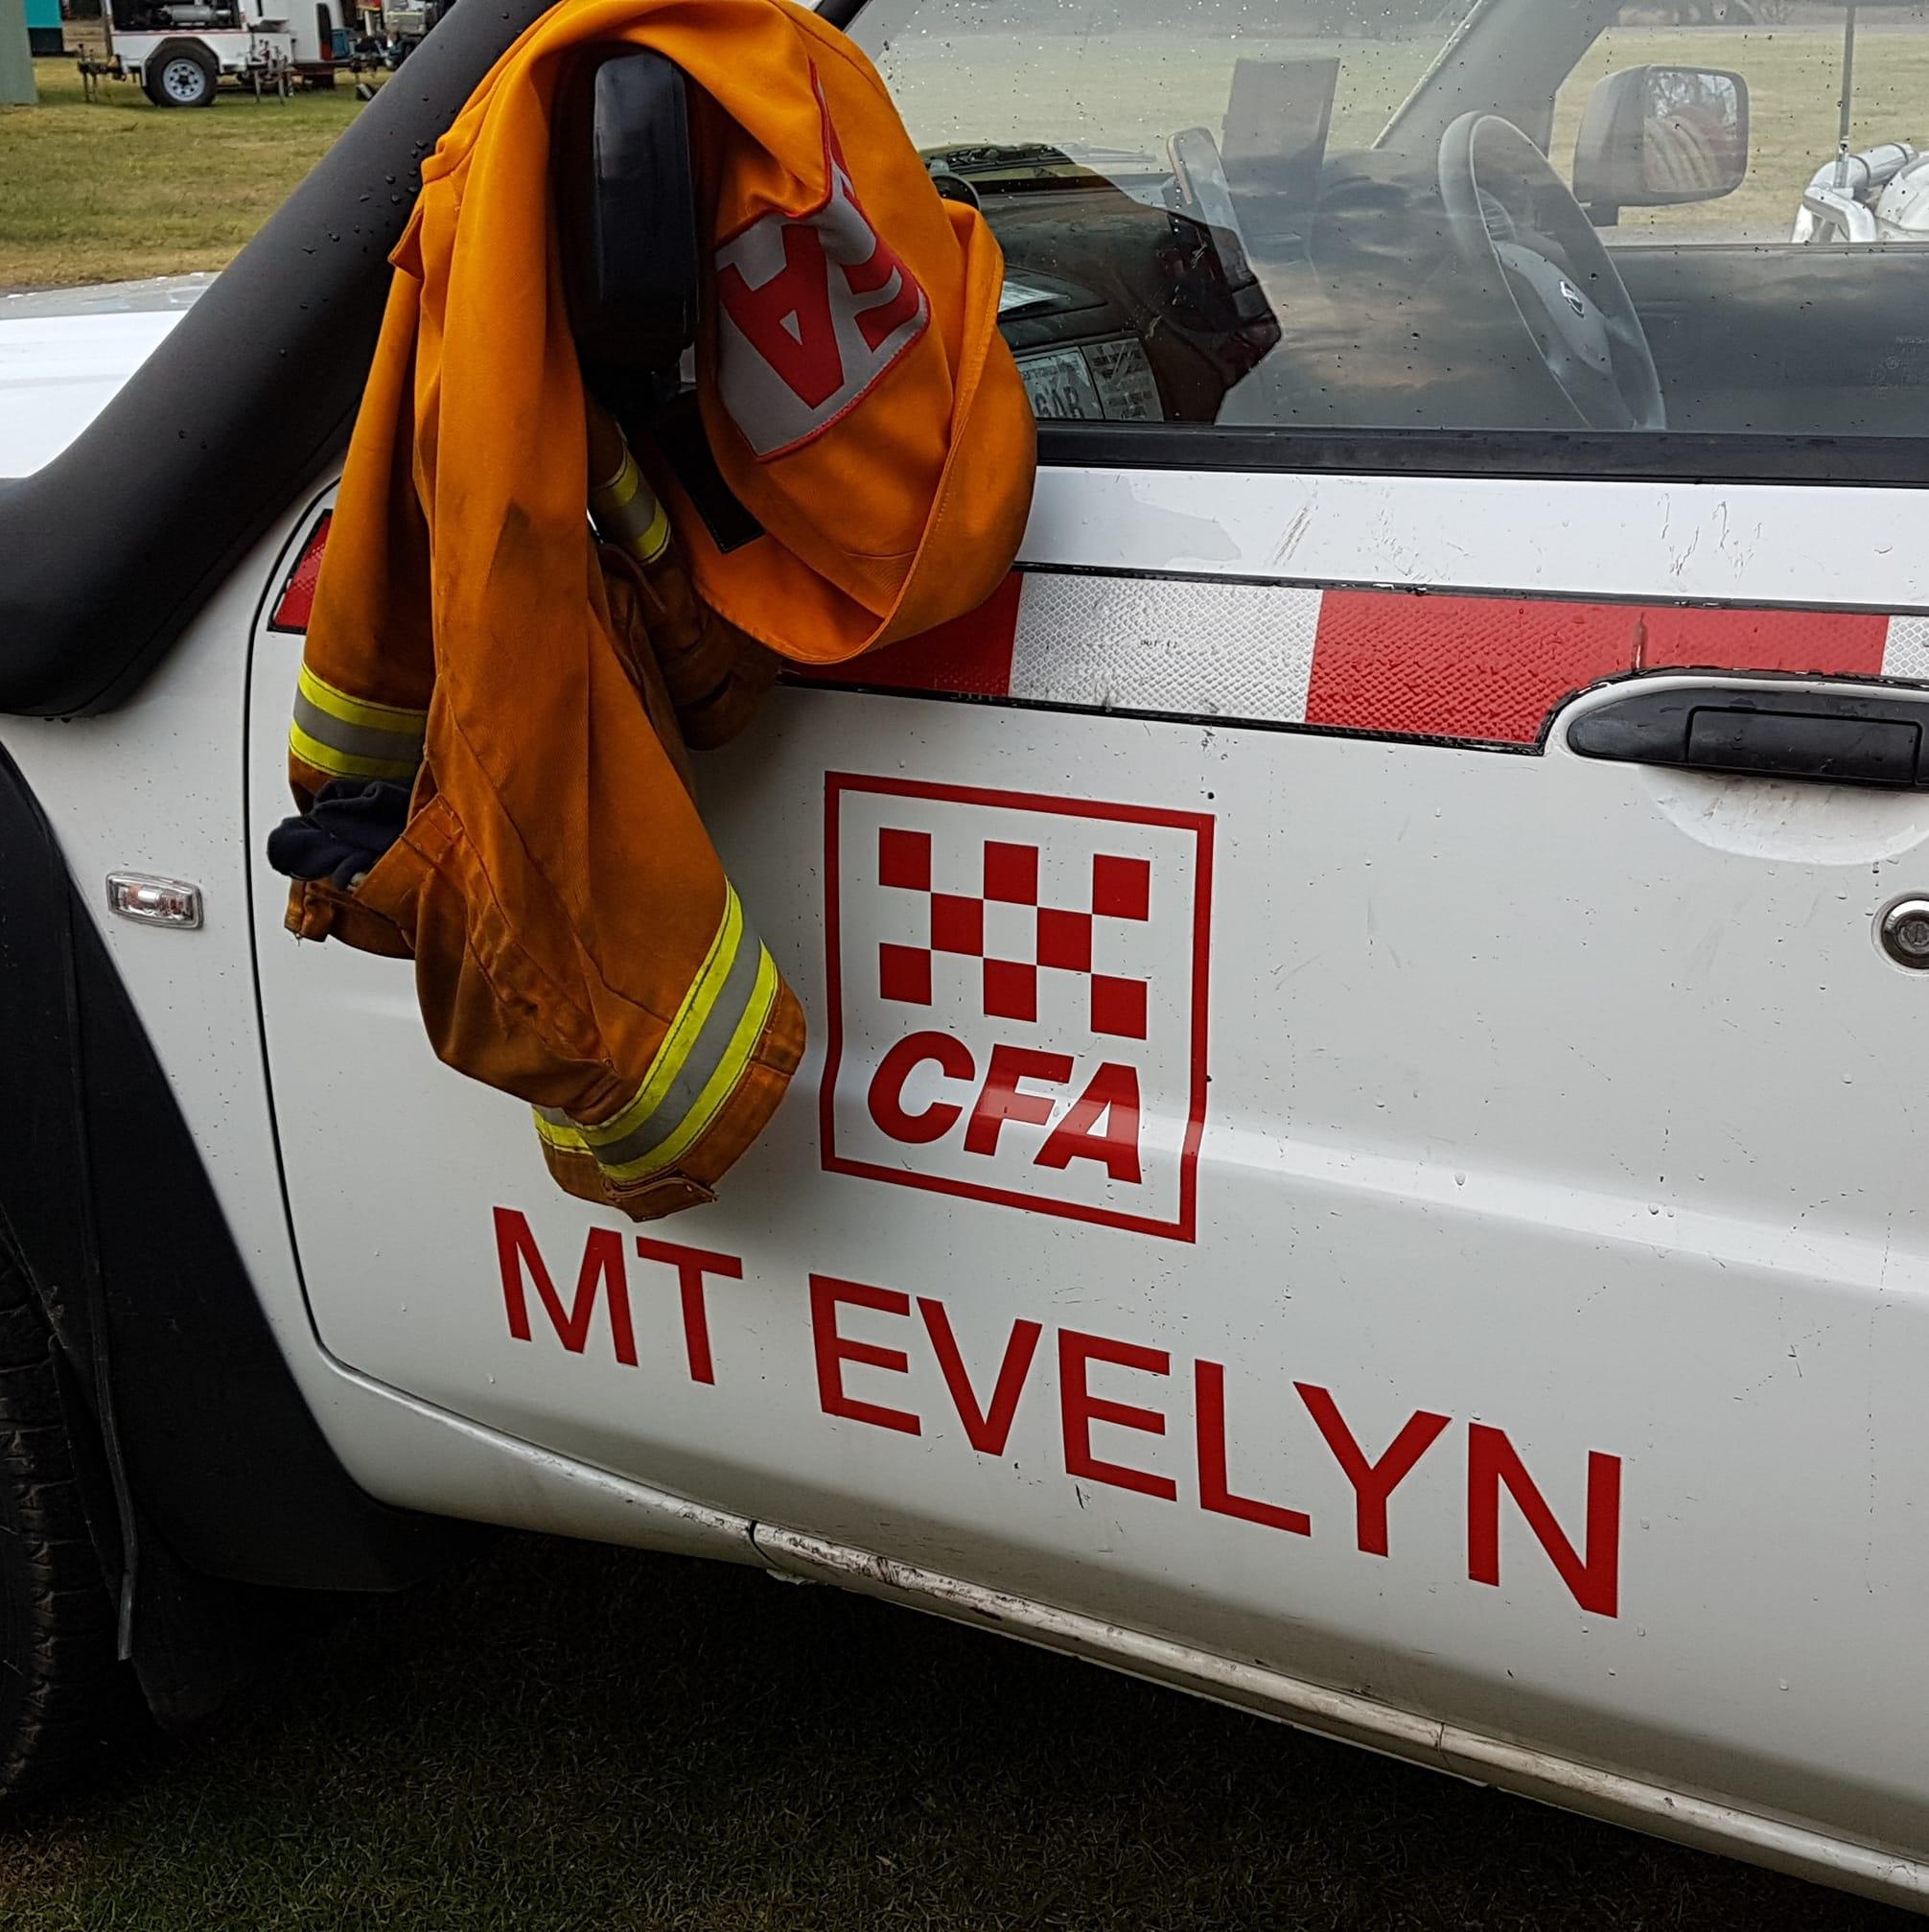 Mount Evelyn CFA